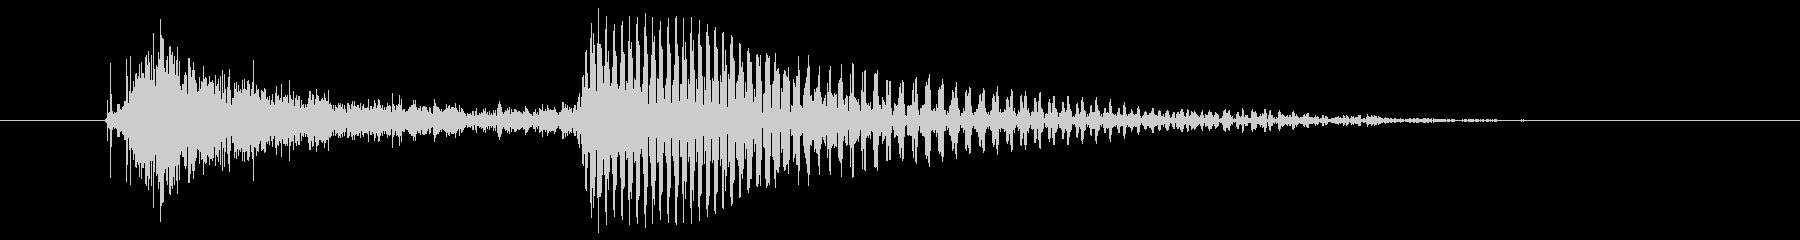 1 (two 英語)数字-2桁以上連結可の未再生の波形